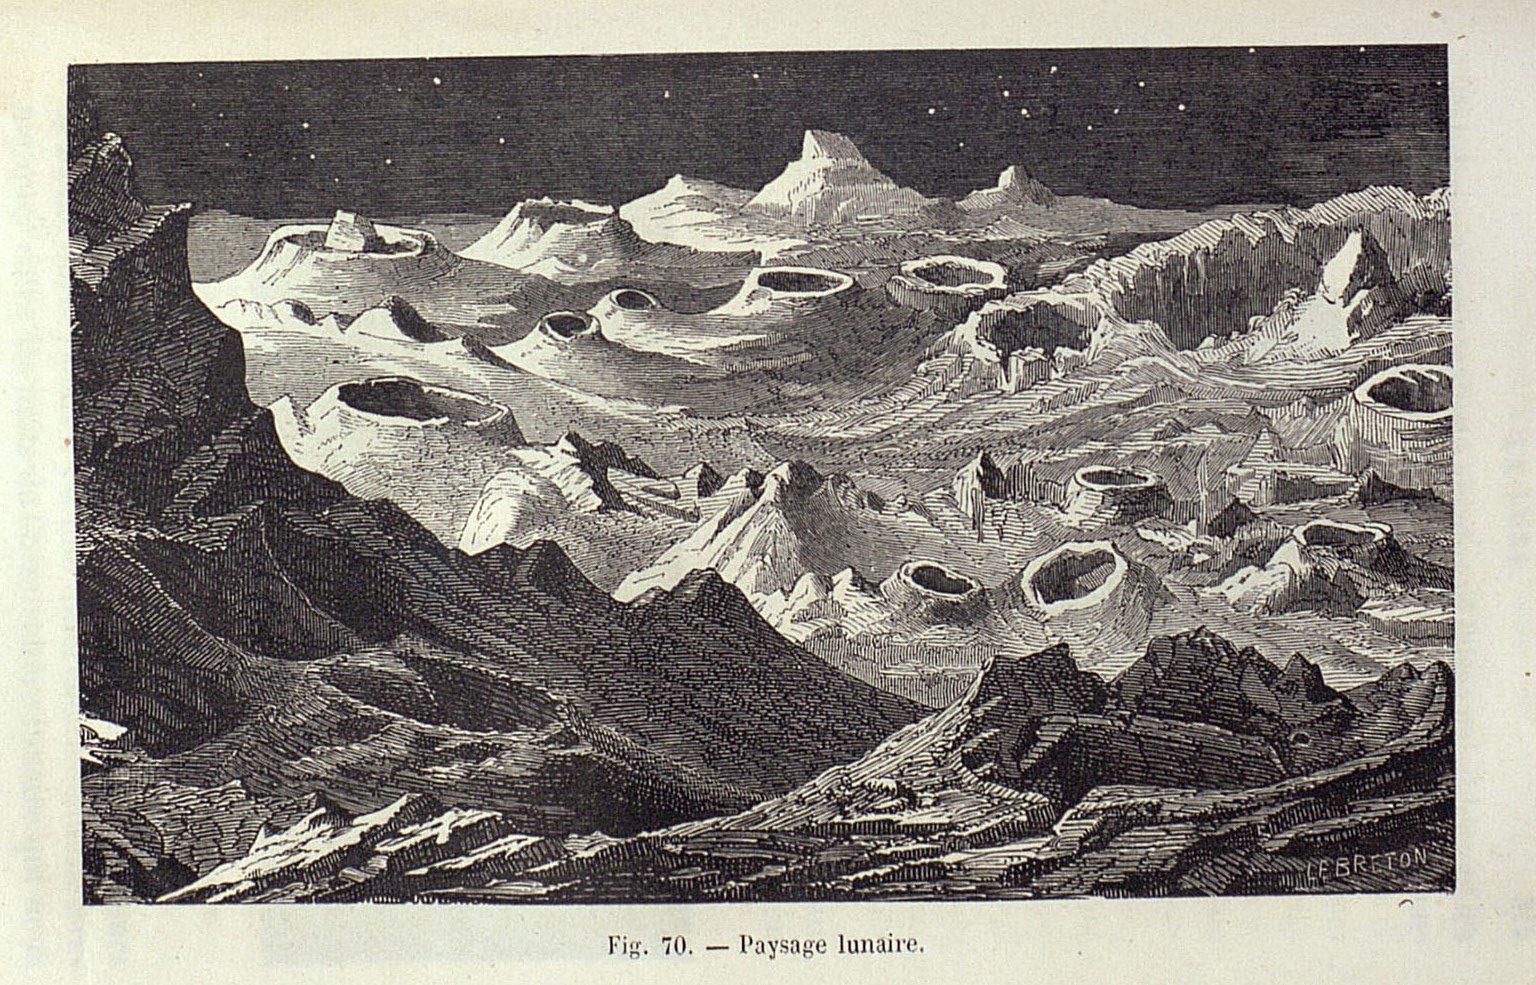 Flammarion C., Merveilles célestes, Paris, Hachette, 1869